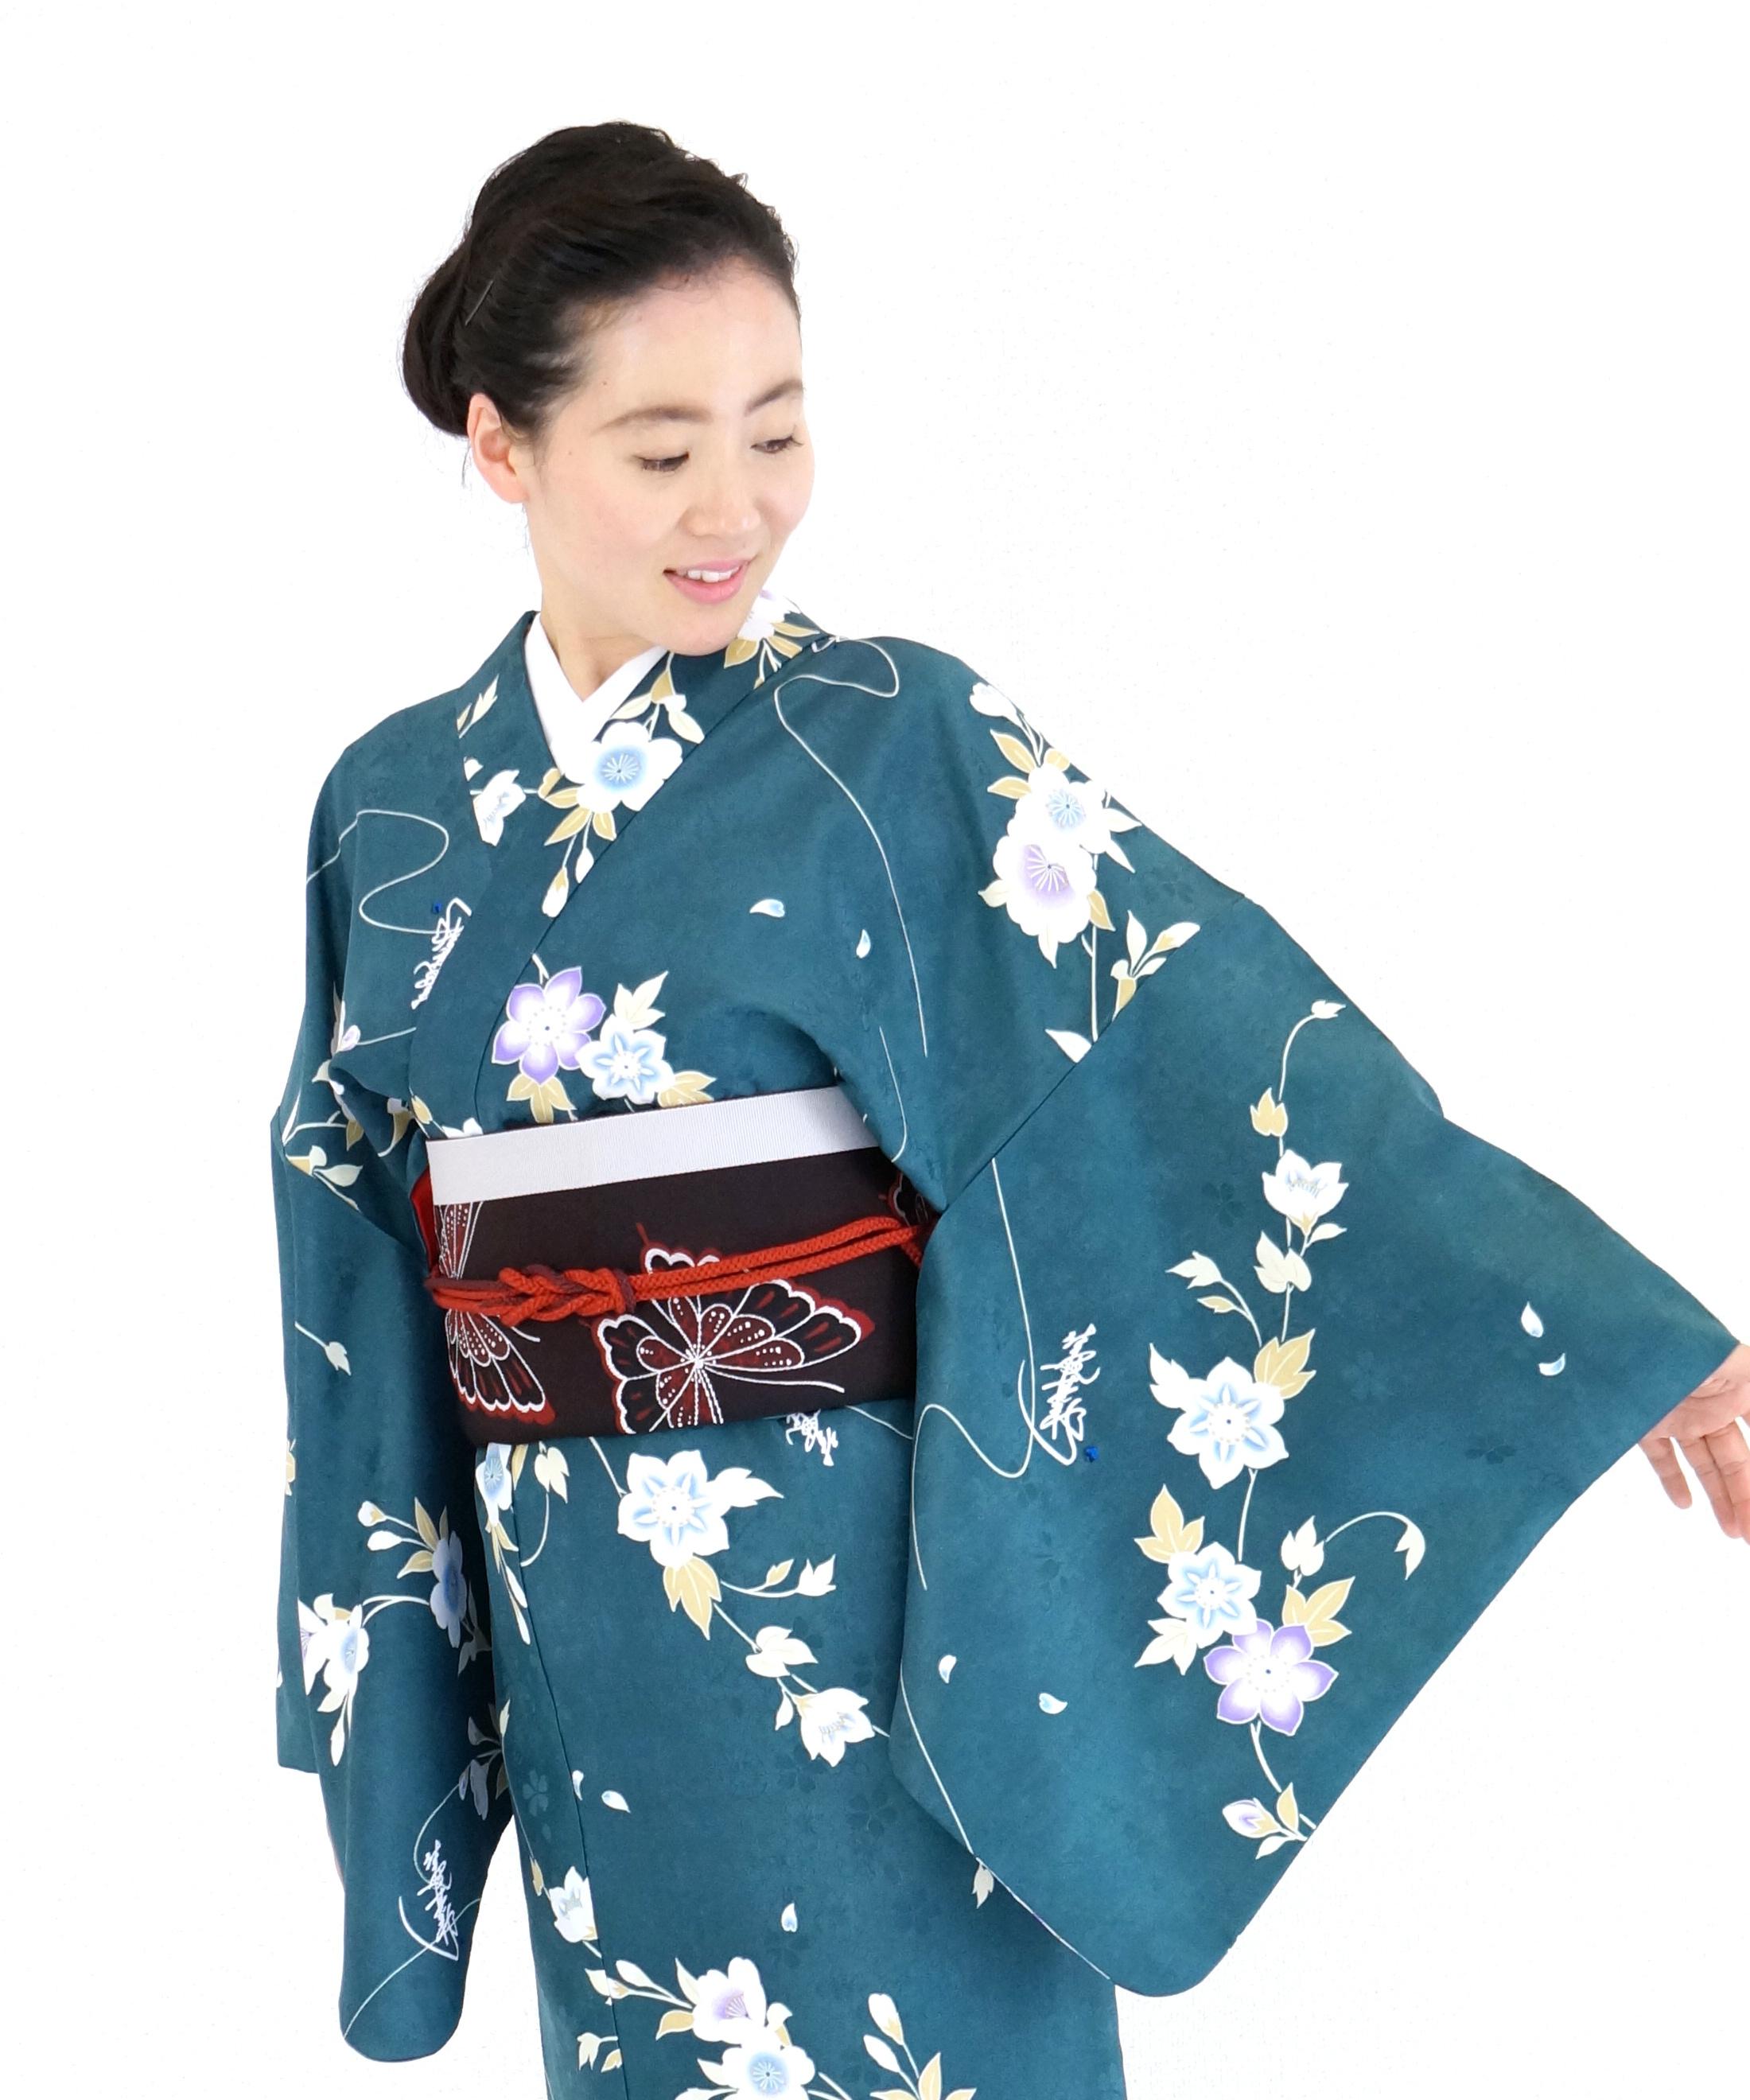 衿つき着物+帯+帯締め+簡単な半衿の4点セット(凛・深緑)画像